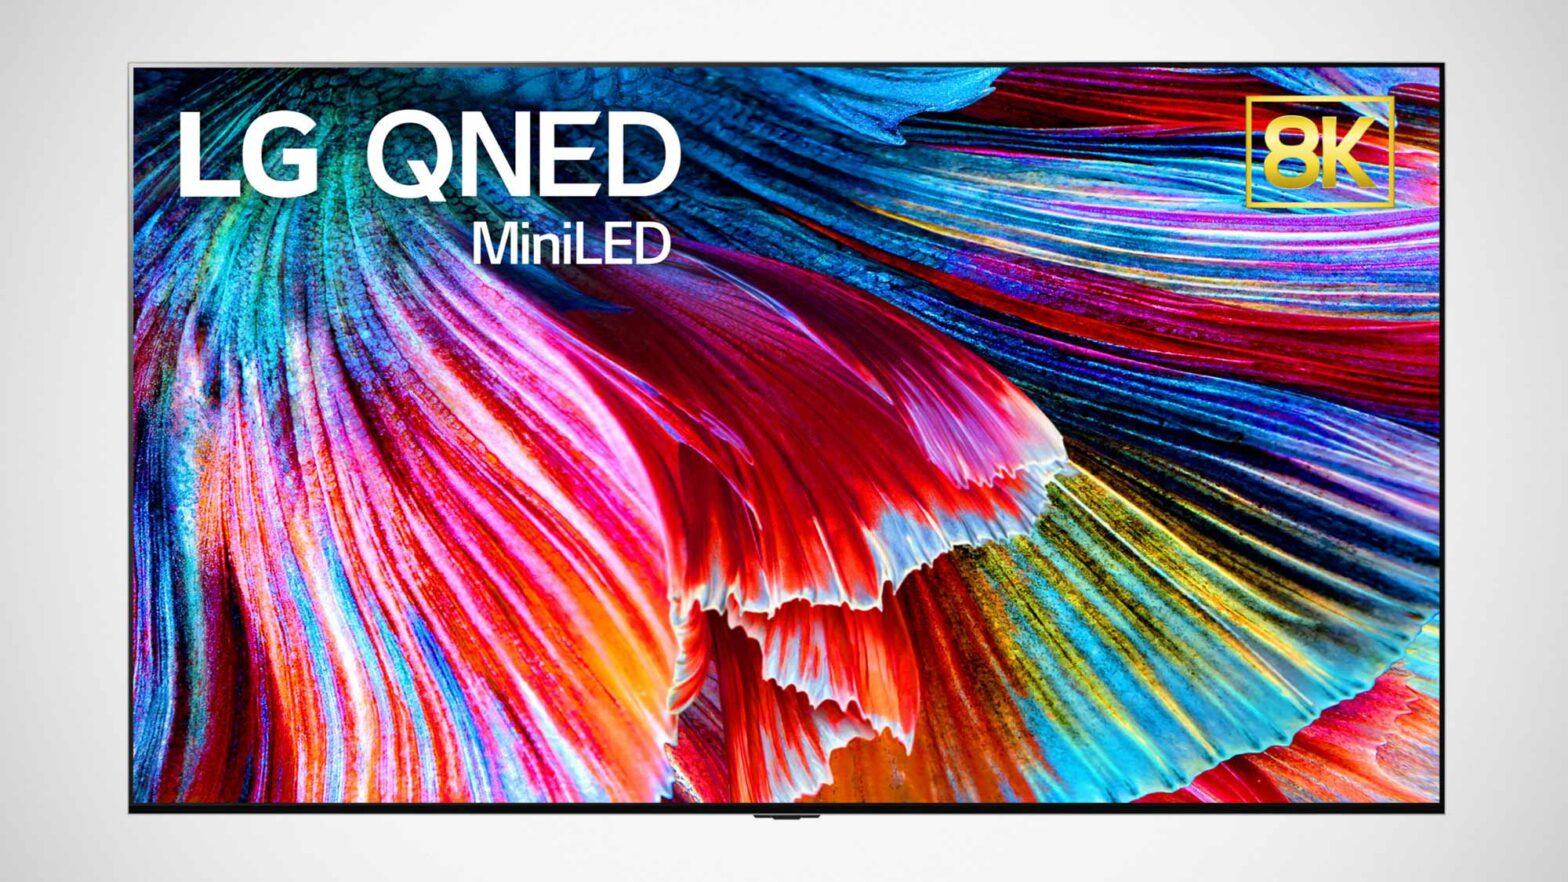 LG QNED Mini LED TVs CES 2021